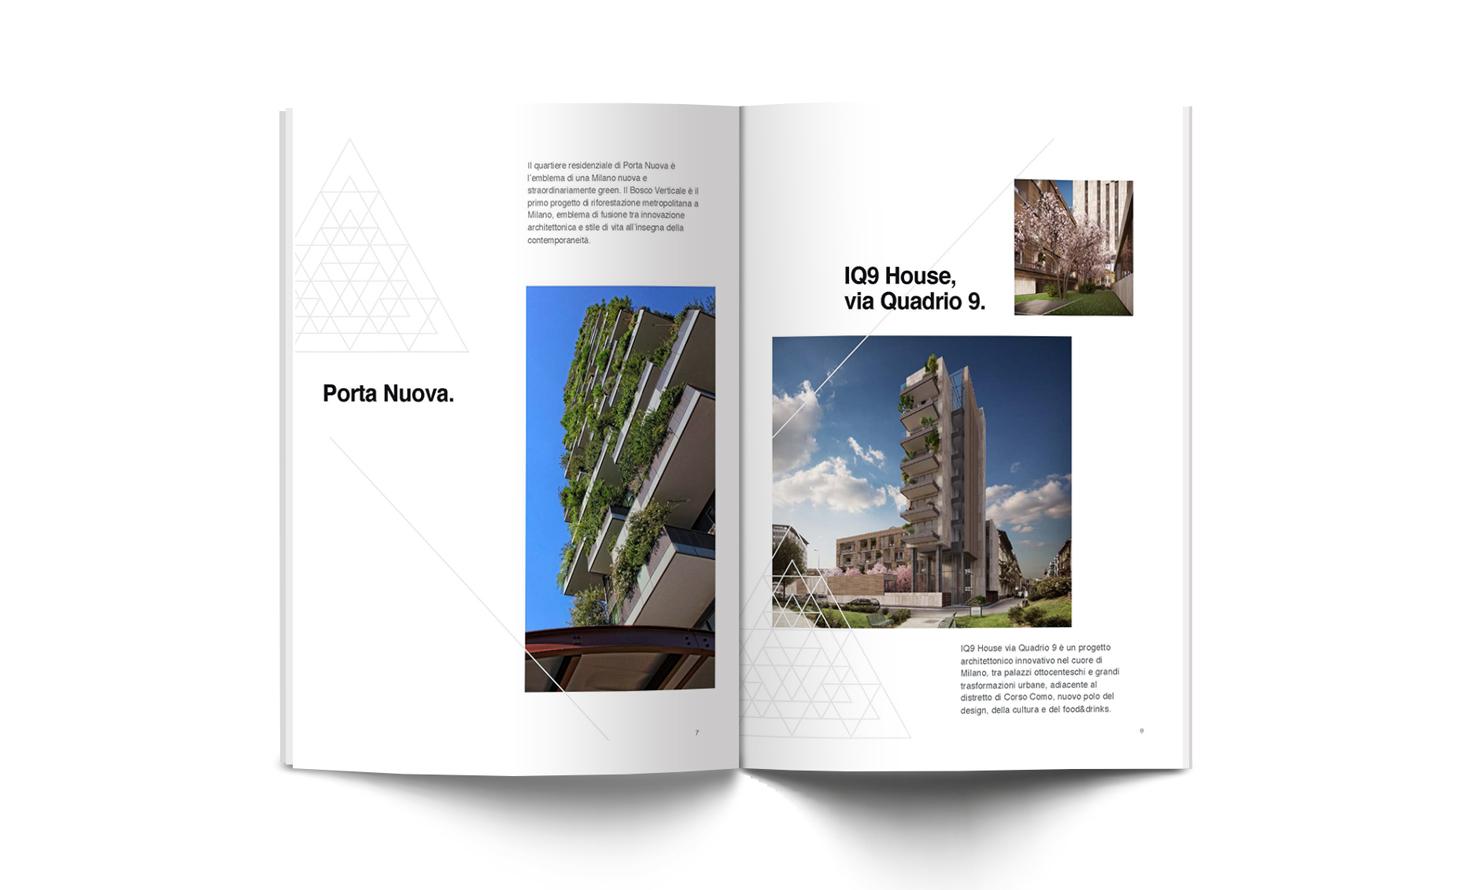 https://www.kubelibre.com/uploads/Slider-work-tutti-clienti/residenze-porta-nuova-agency-il-nostro-nome-dice-molto-di-noi-7.jpg